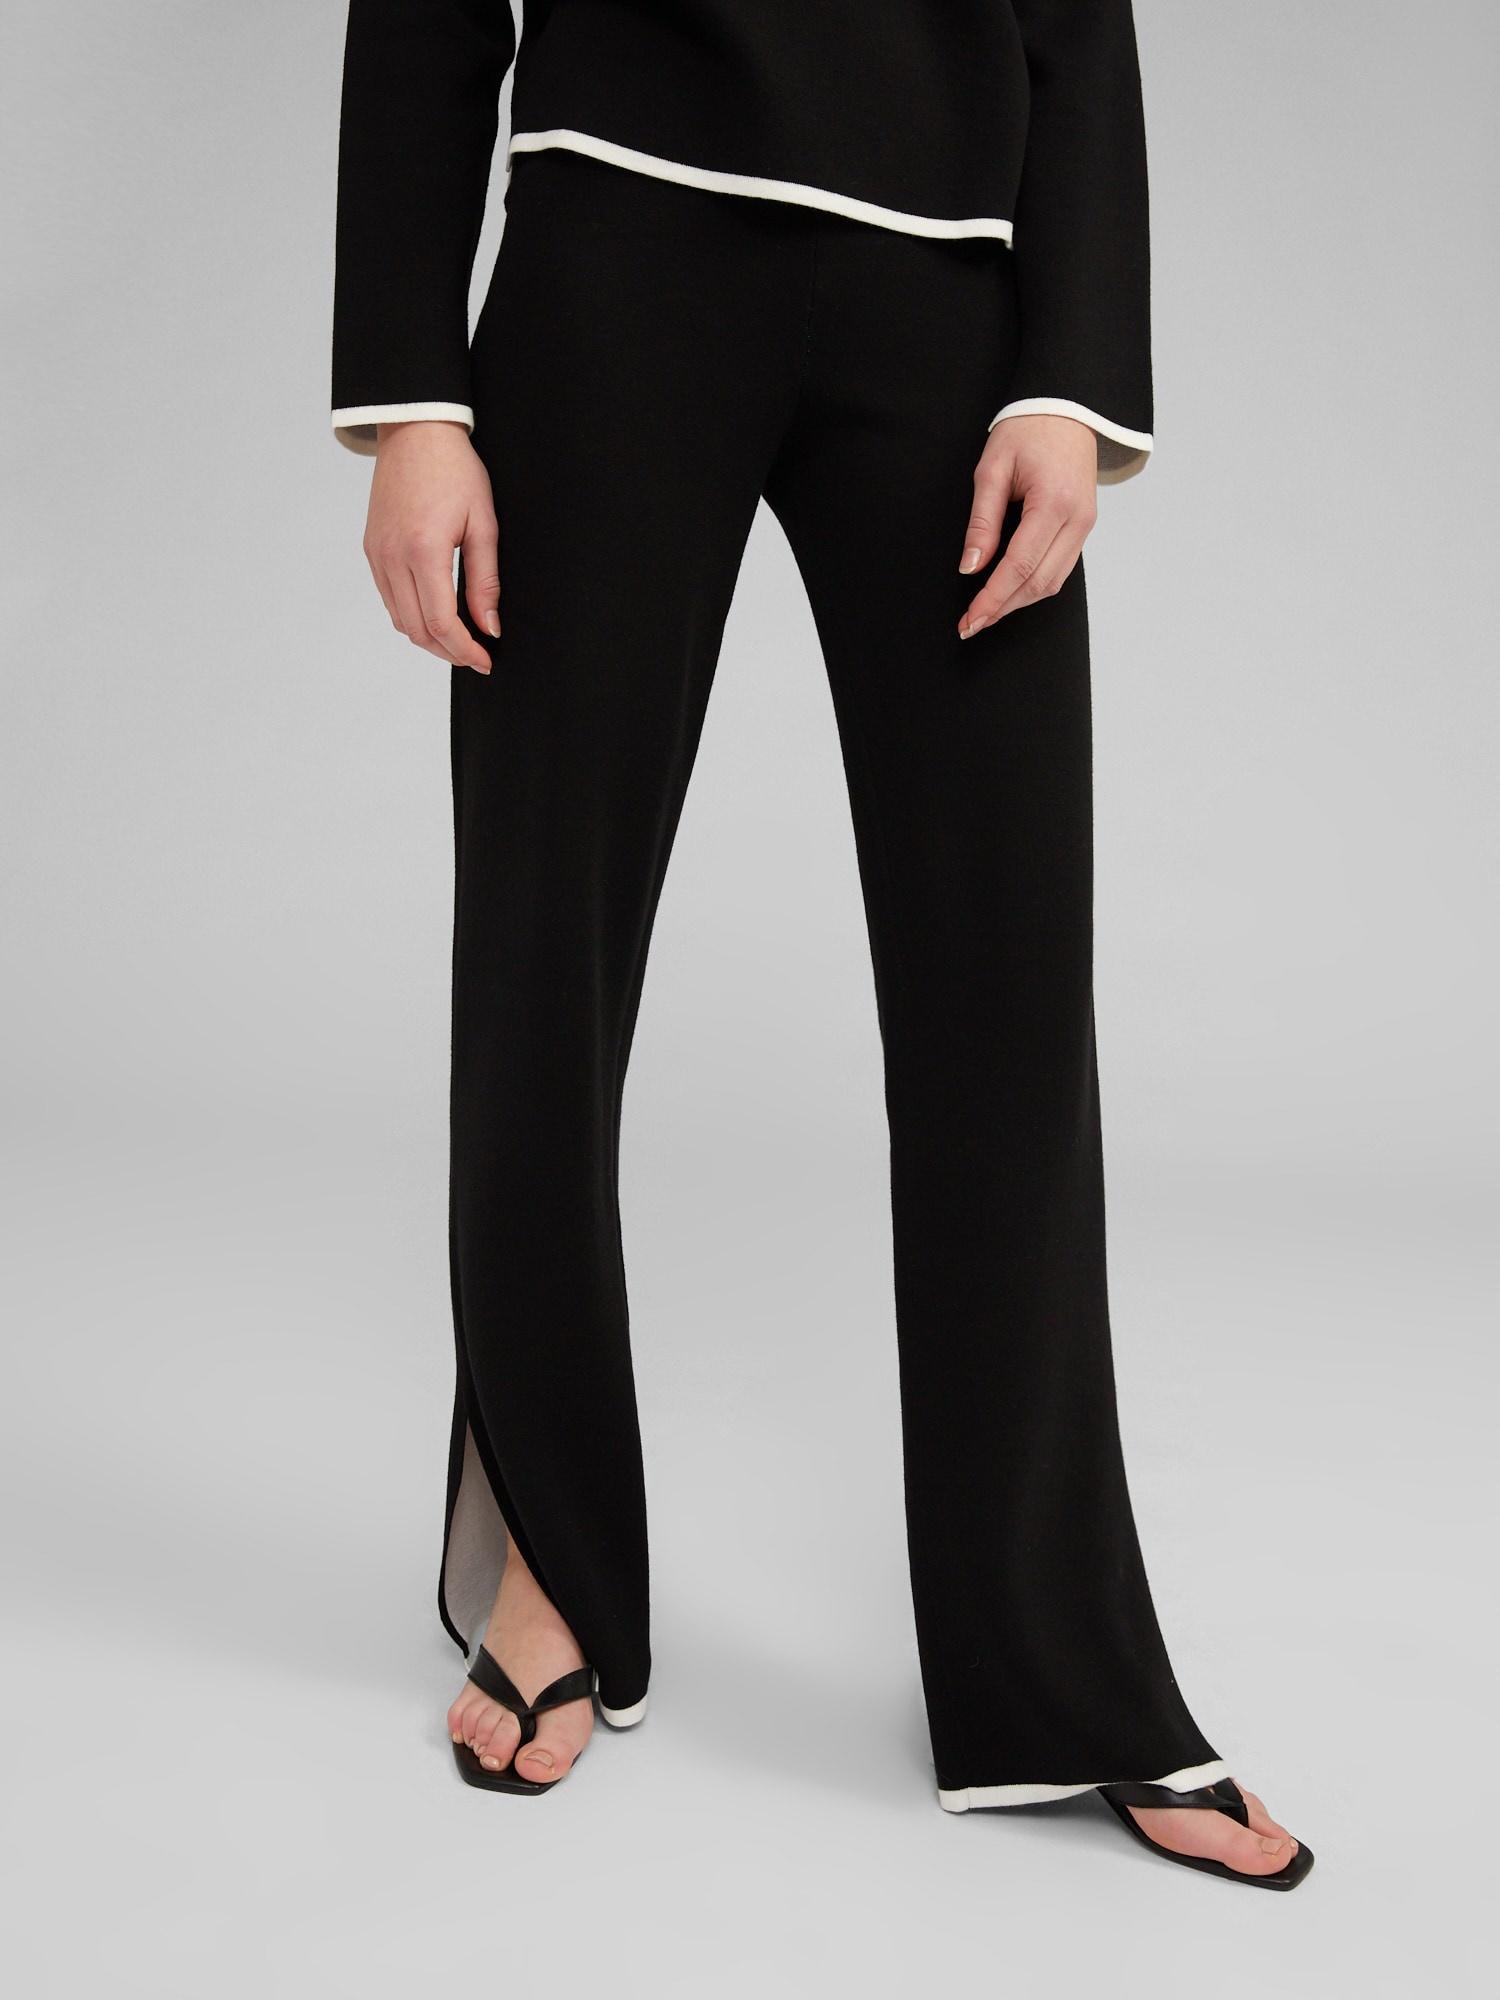 Broek Maxima knit Black-1